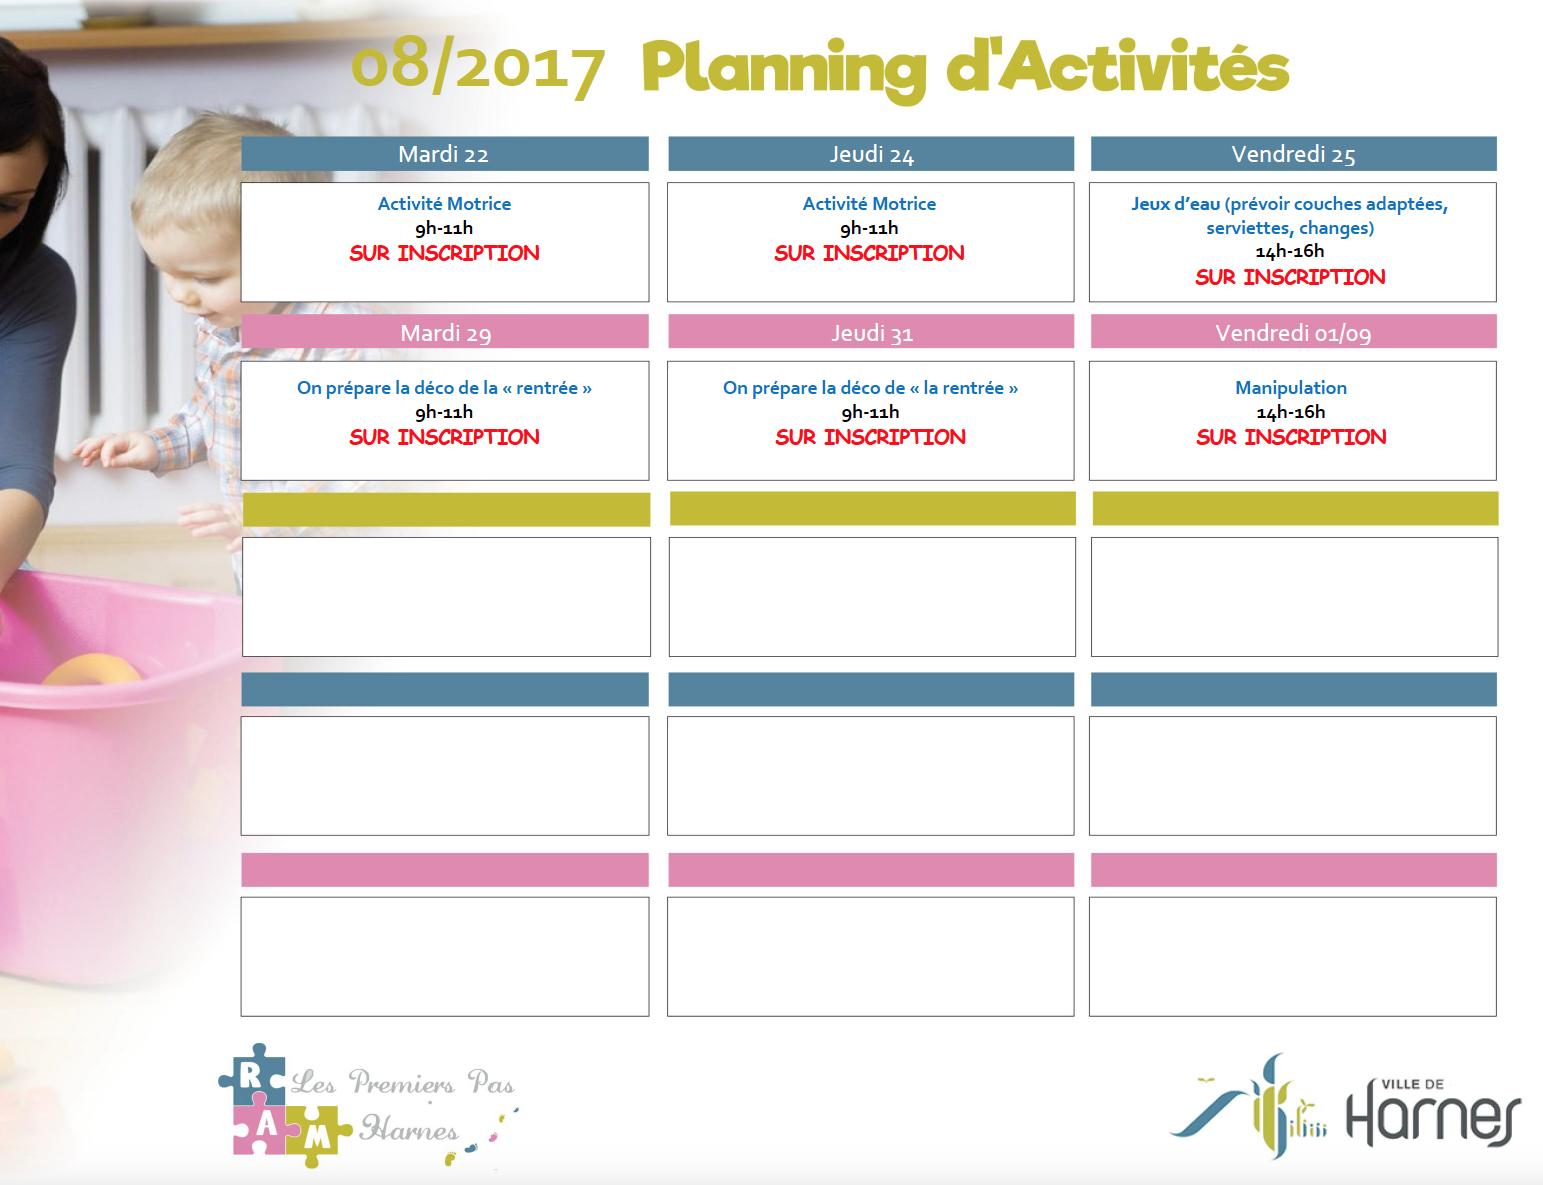 Plannings d'activités mensuels